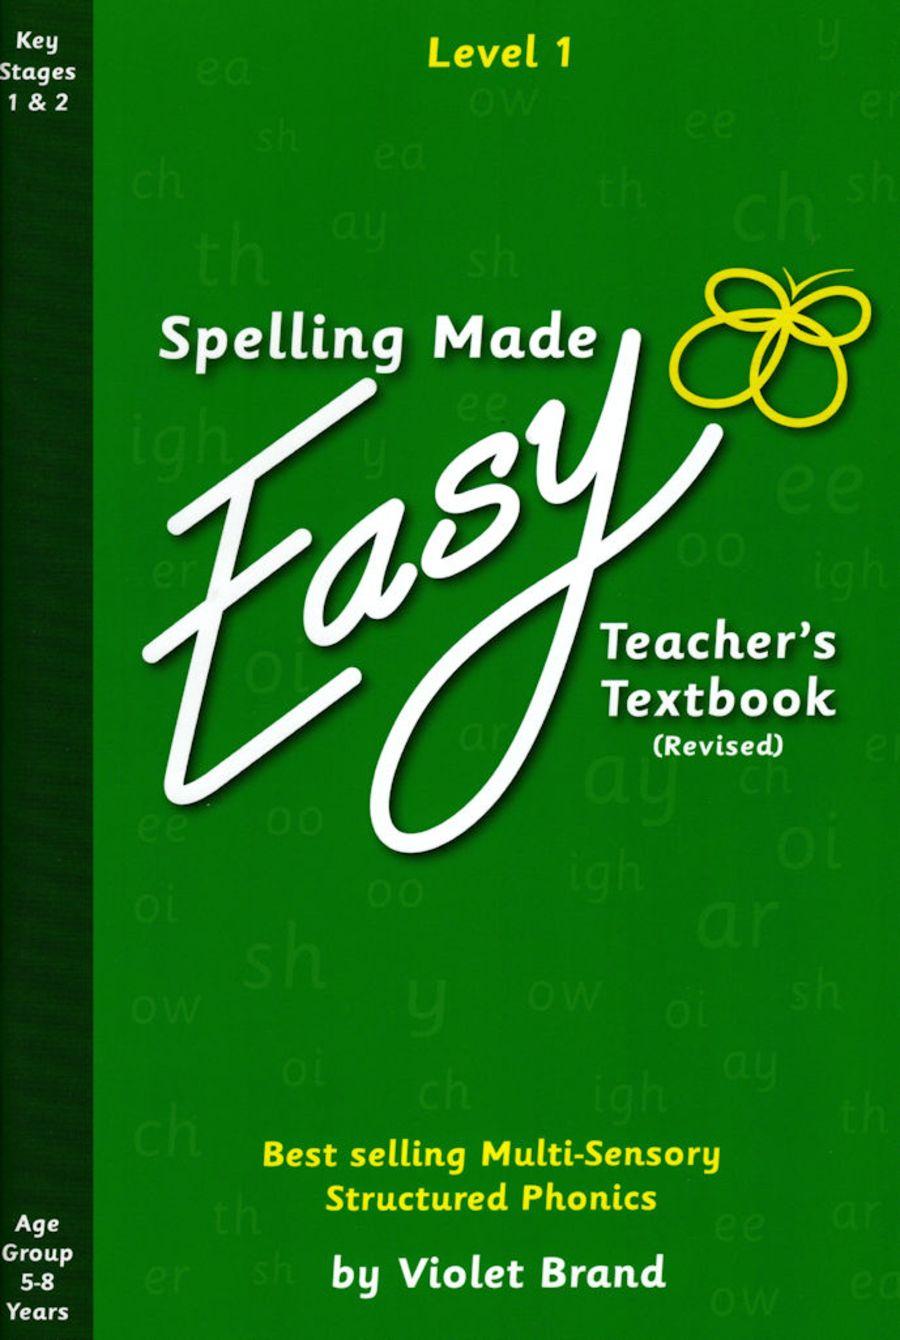 Spelling Made Easy Revised Teacher's Textbook Level 1